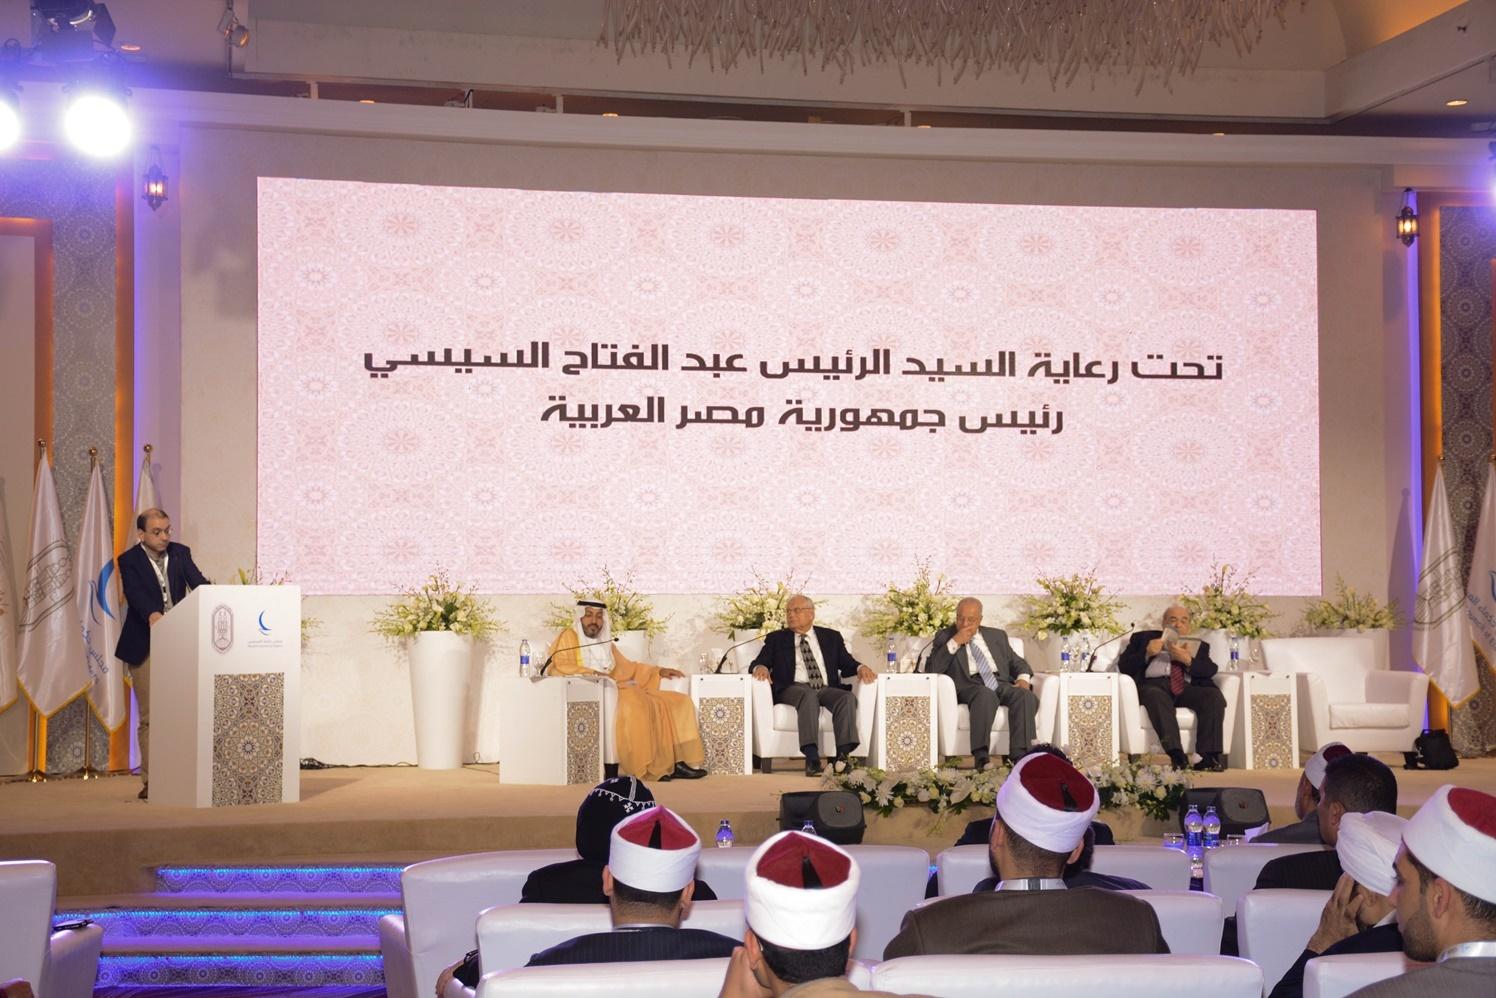 Muslim Council of Elders 1